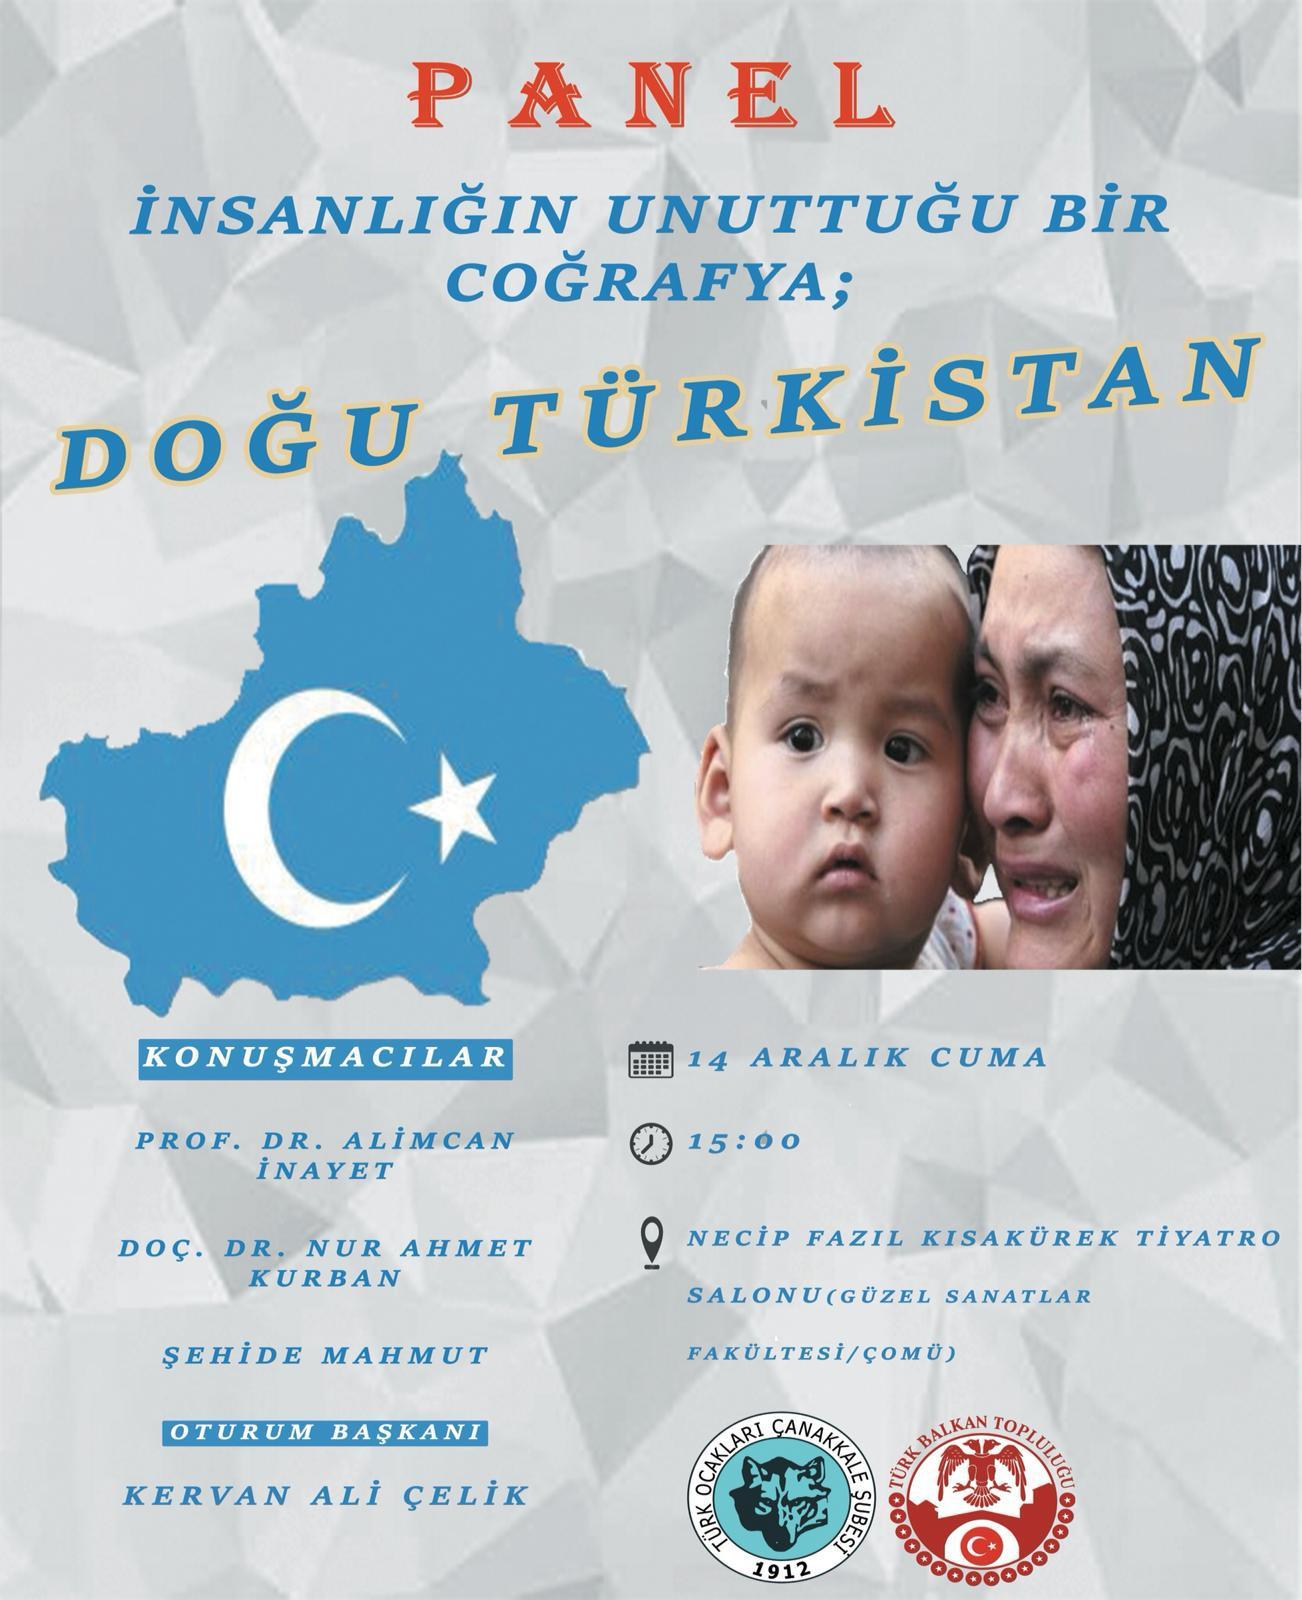 İnsanlığın unuttuğu bir coğrafya: Doğu Türkistan